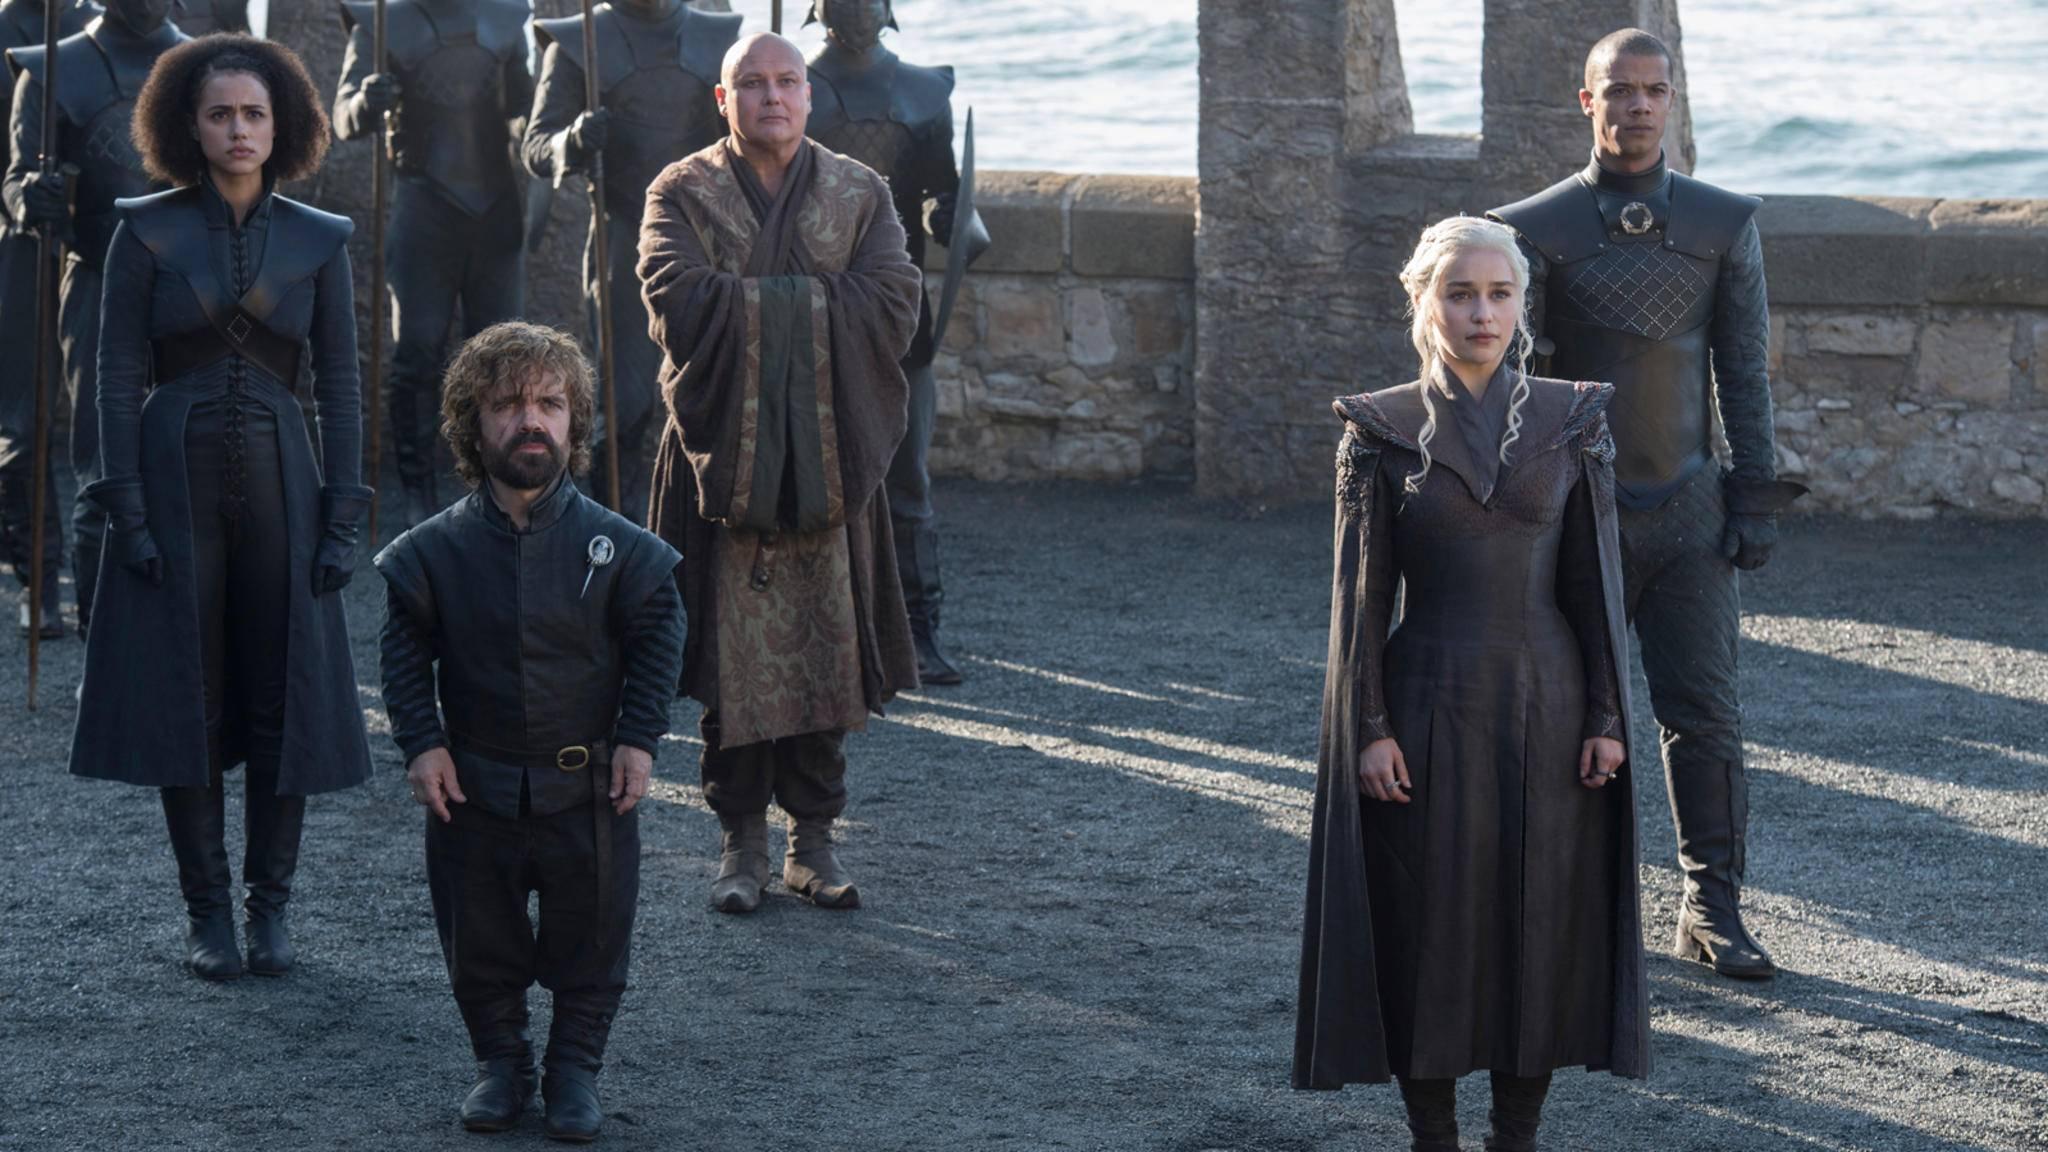 Willkommen auf Drachenstein! In Episode 3 kommt Jon Snow bei Daenerys zu Besuch.